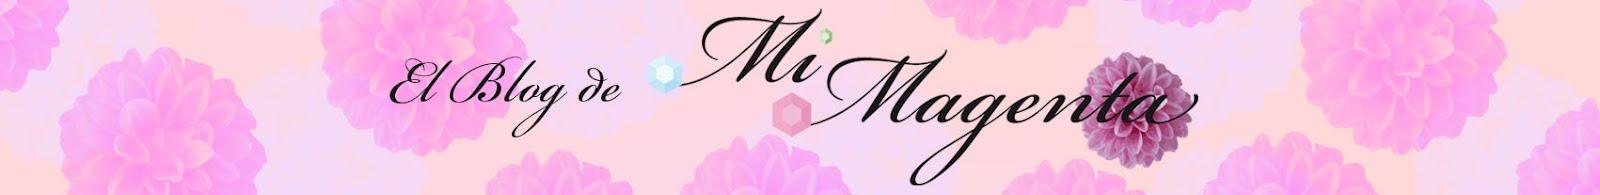 El blog de Mi Magenta